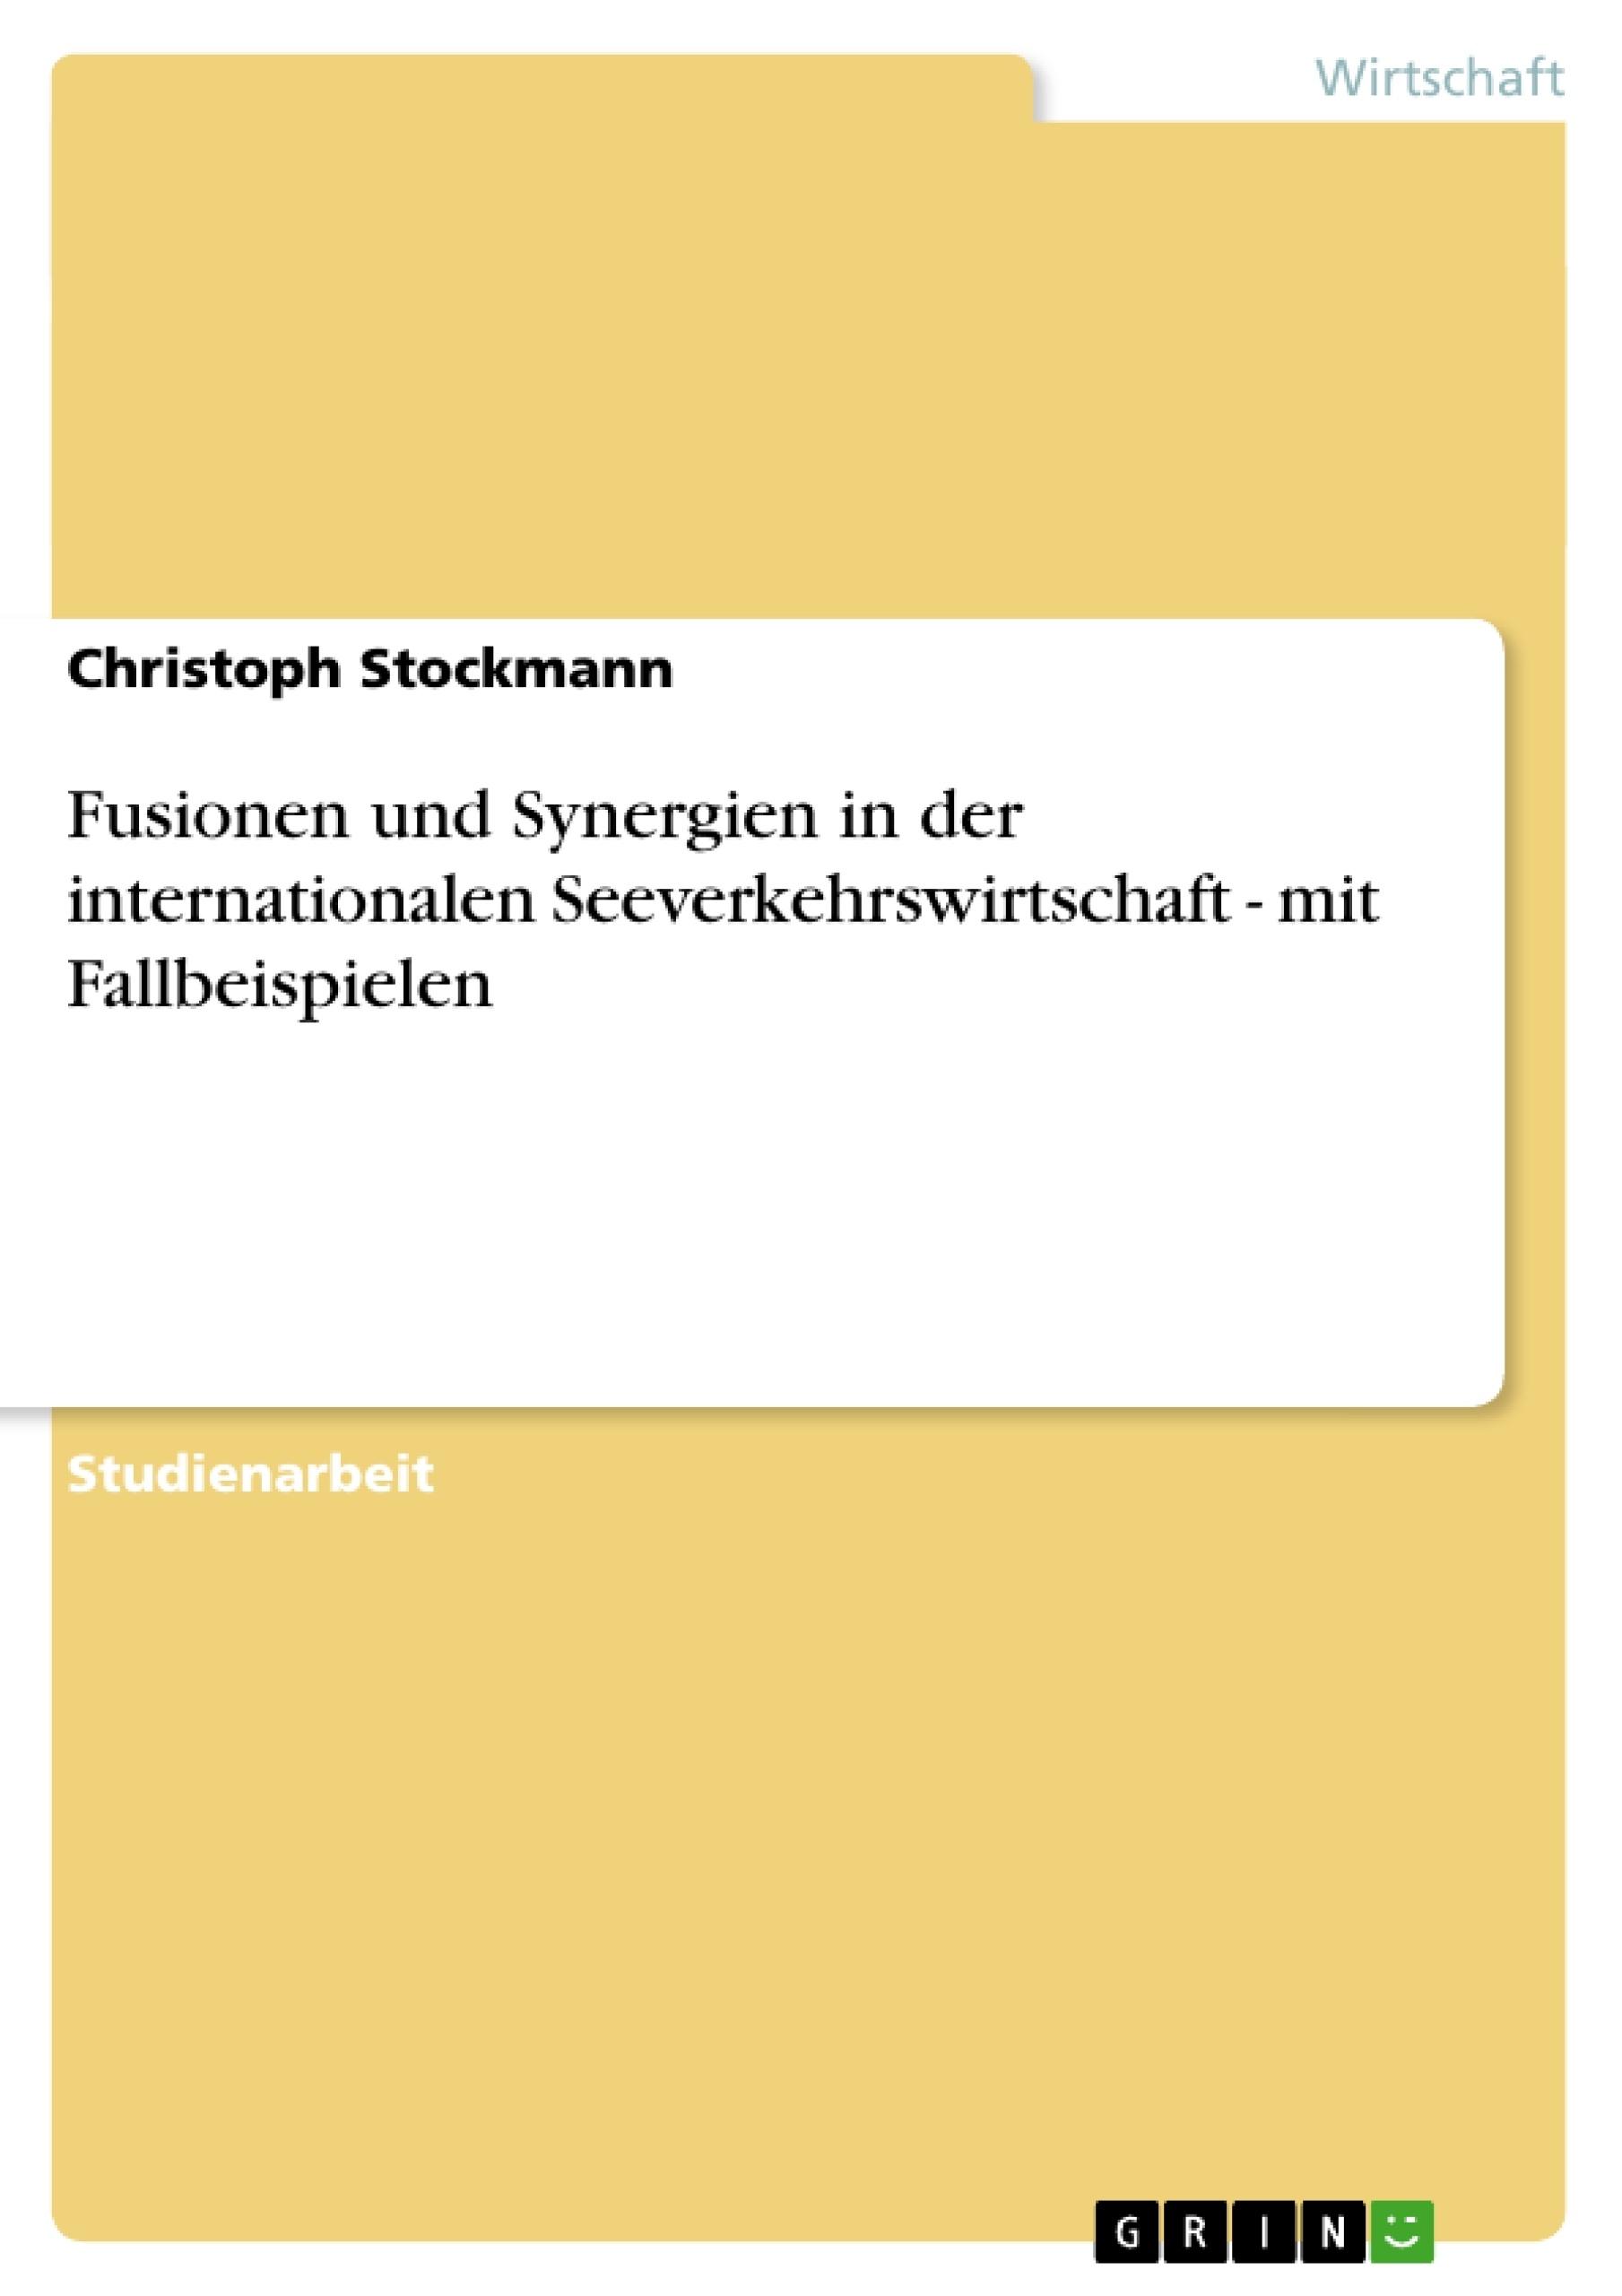 Titel: Fusionen und Synergien in der internationalen Seeverkehrswirtschaft - mit Fallbeispielen